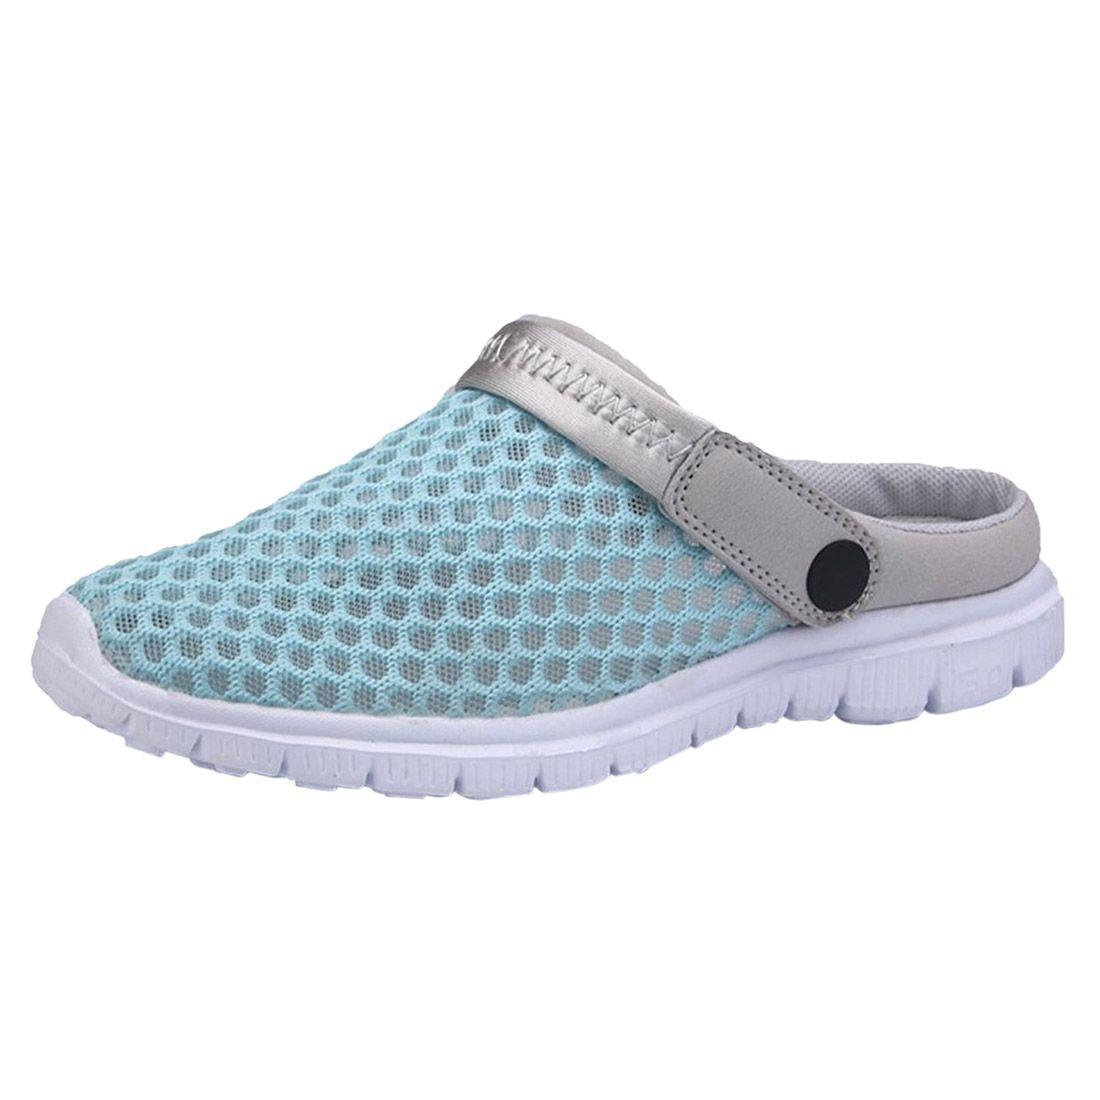 Neue Mode Mode-boutique 1 Para Atmungsaktivem Mesh-netz Hausschuhe Strand Aushöhlen Sandalen Outdoor-sandalen Casual Sommer Schuhe Hohe Belastbarkeit